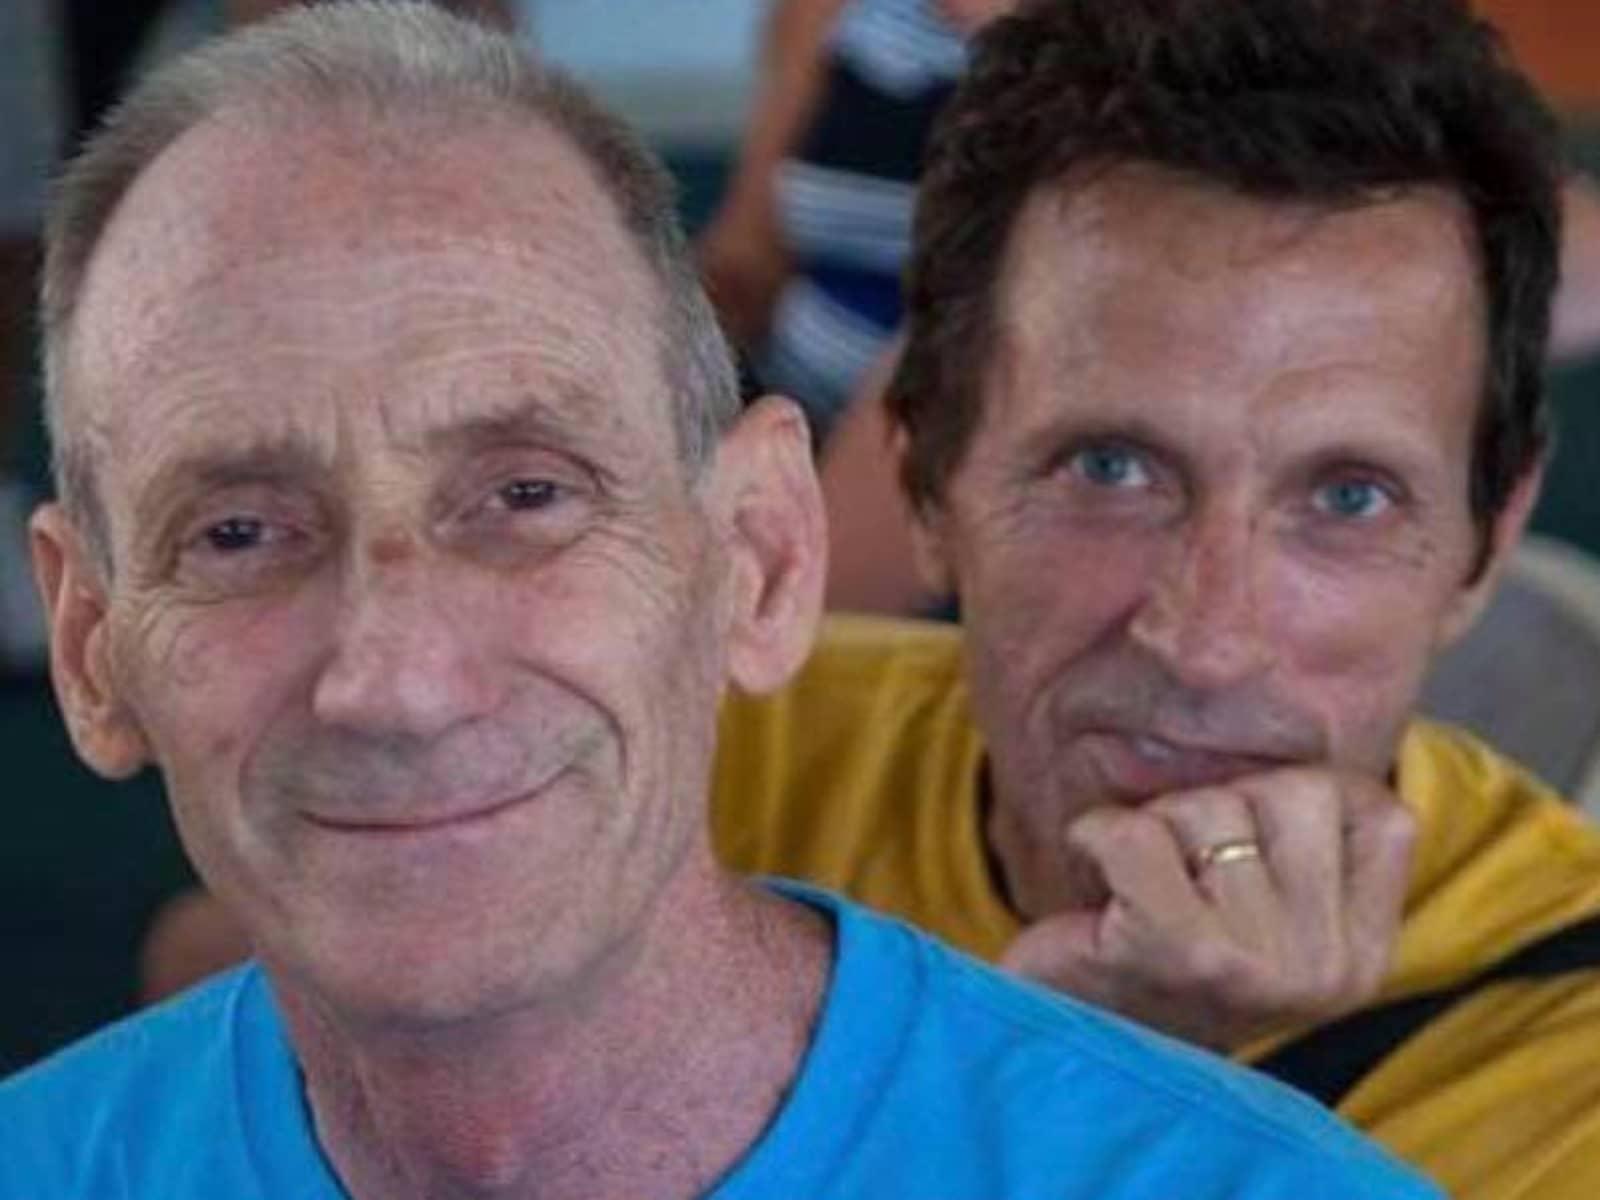 Mark & Mark from Sarasota, Florida, United States